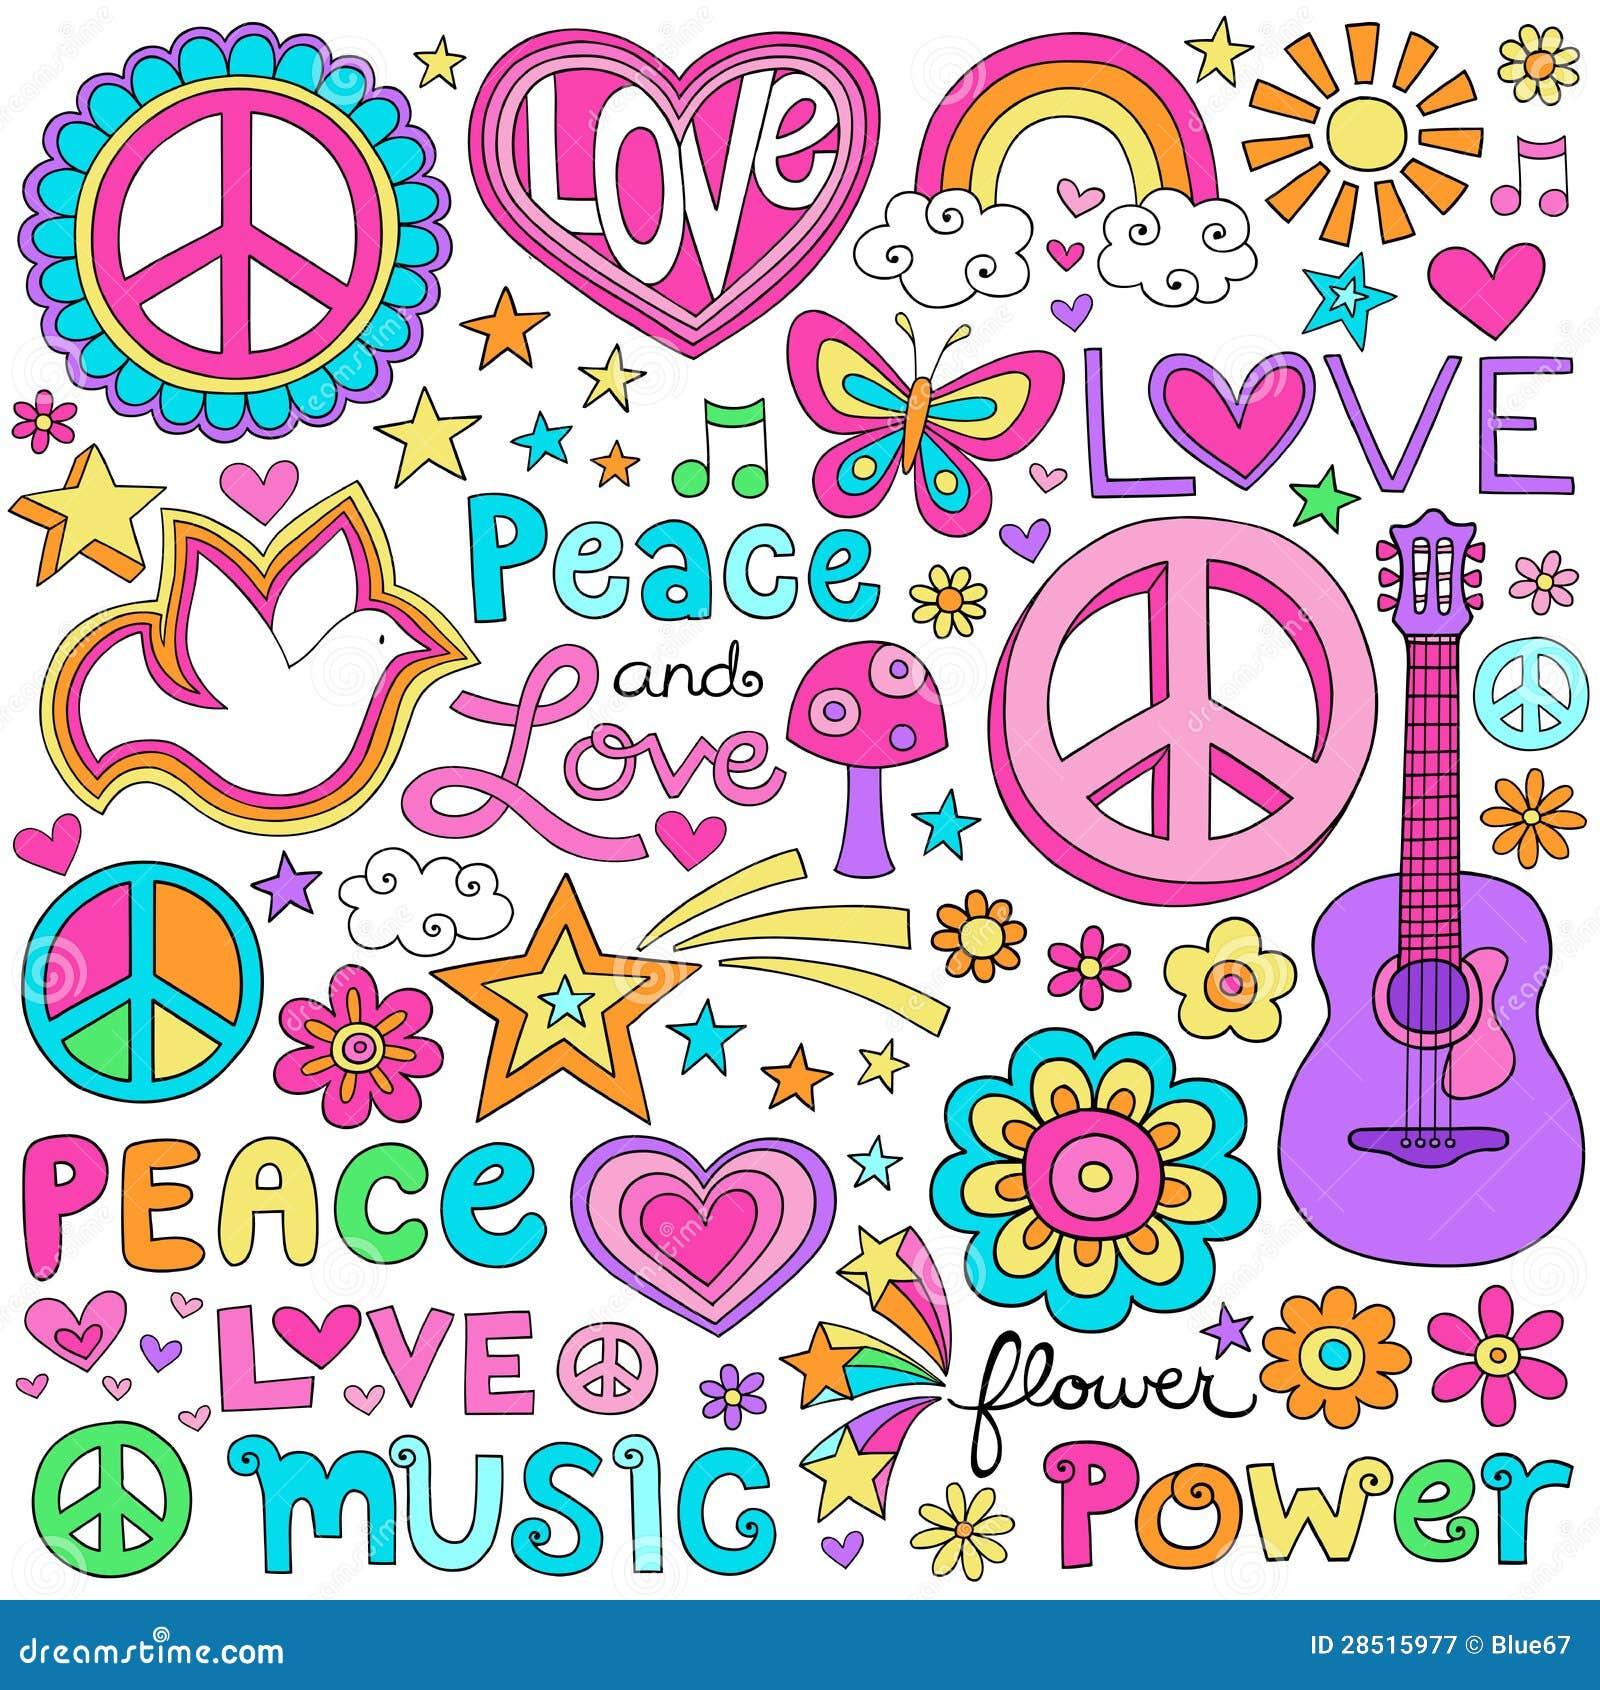 Nuestro pasado escolar. - Página 5 Flower-power-peace-love-groovy-doodles-28515977